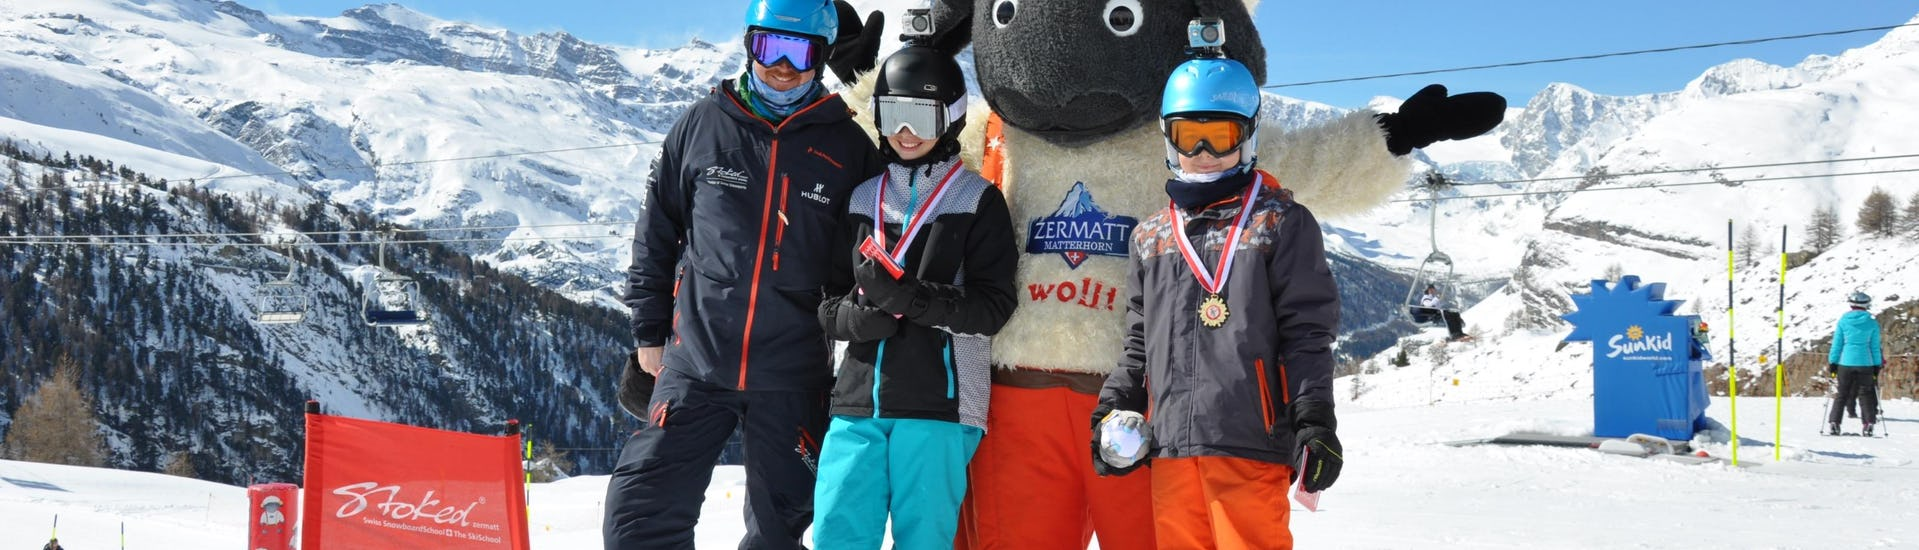 Skikurs für Teens (13-18 Jahre) - Fortgeschritten